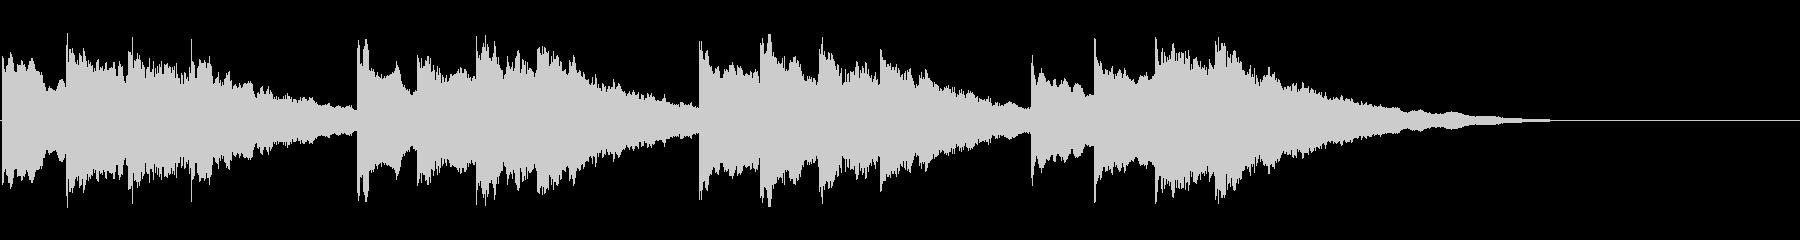 学校のチャイム-1_revの未再生の波形